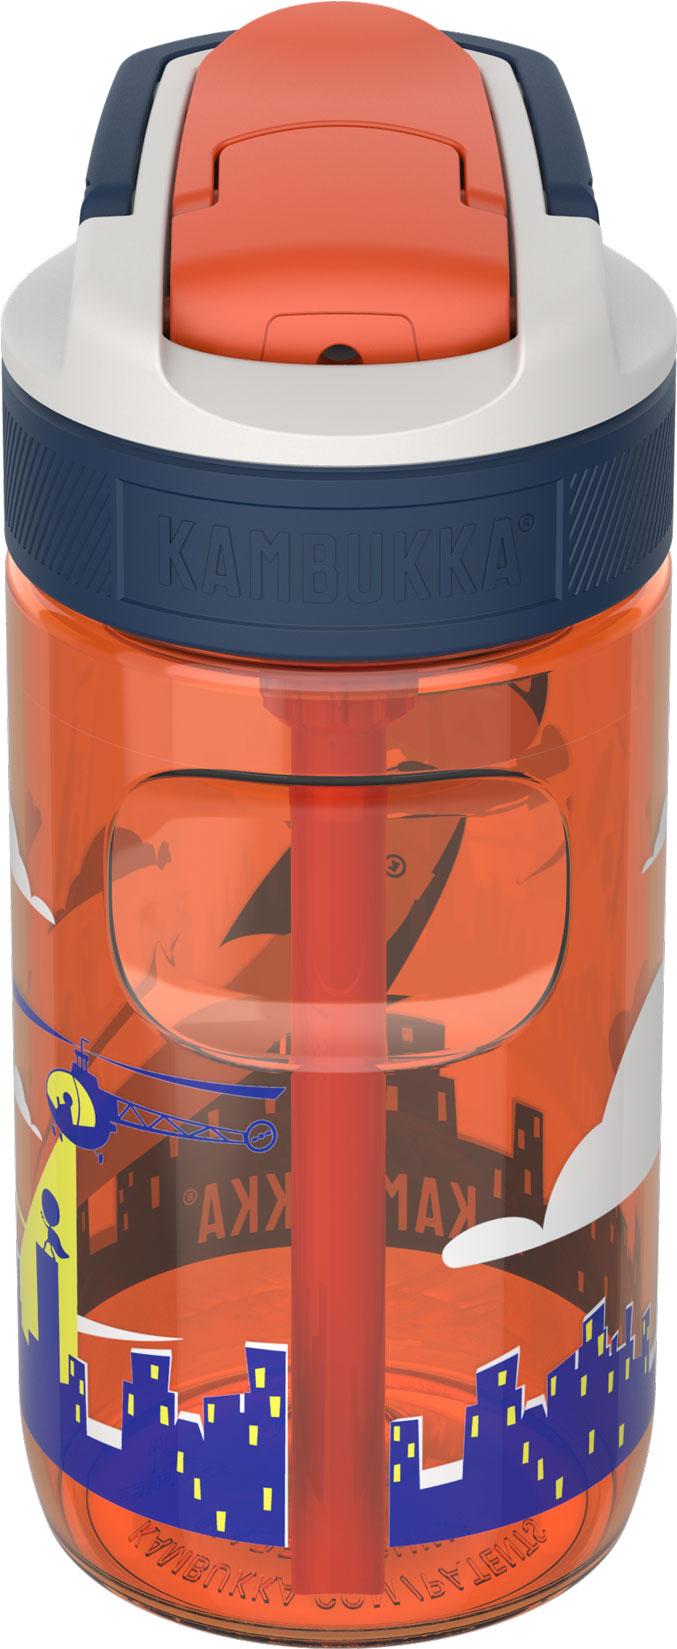 """בקבוק שתיה ילדים 400 מ""""ל כתום Kambukka Lagoon Flying Superboy קמבוקה"""